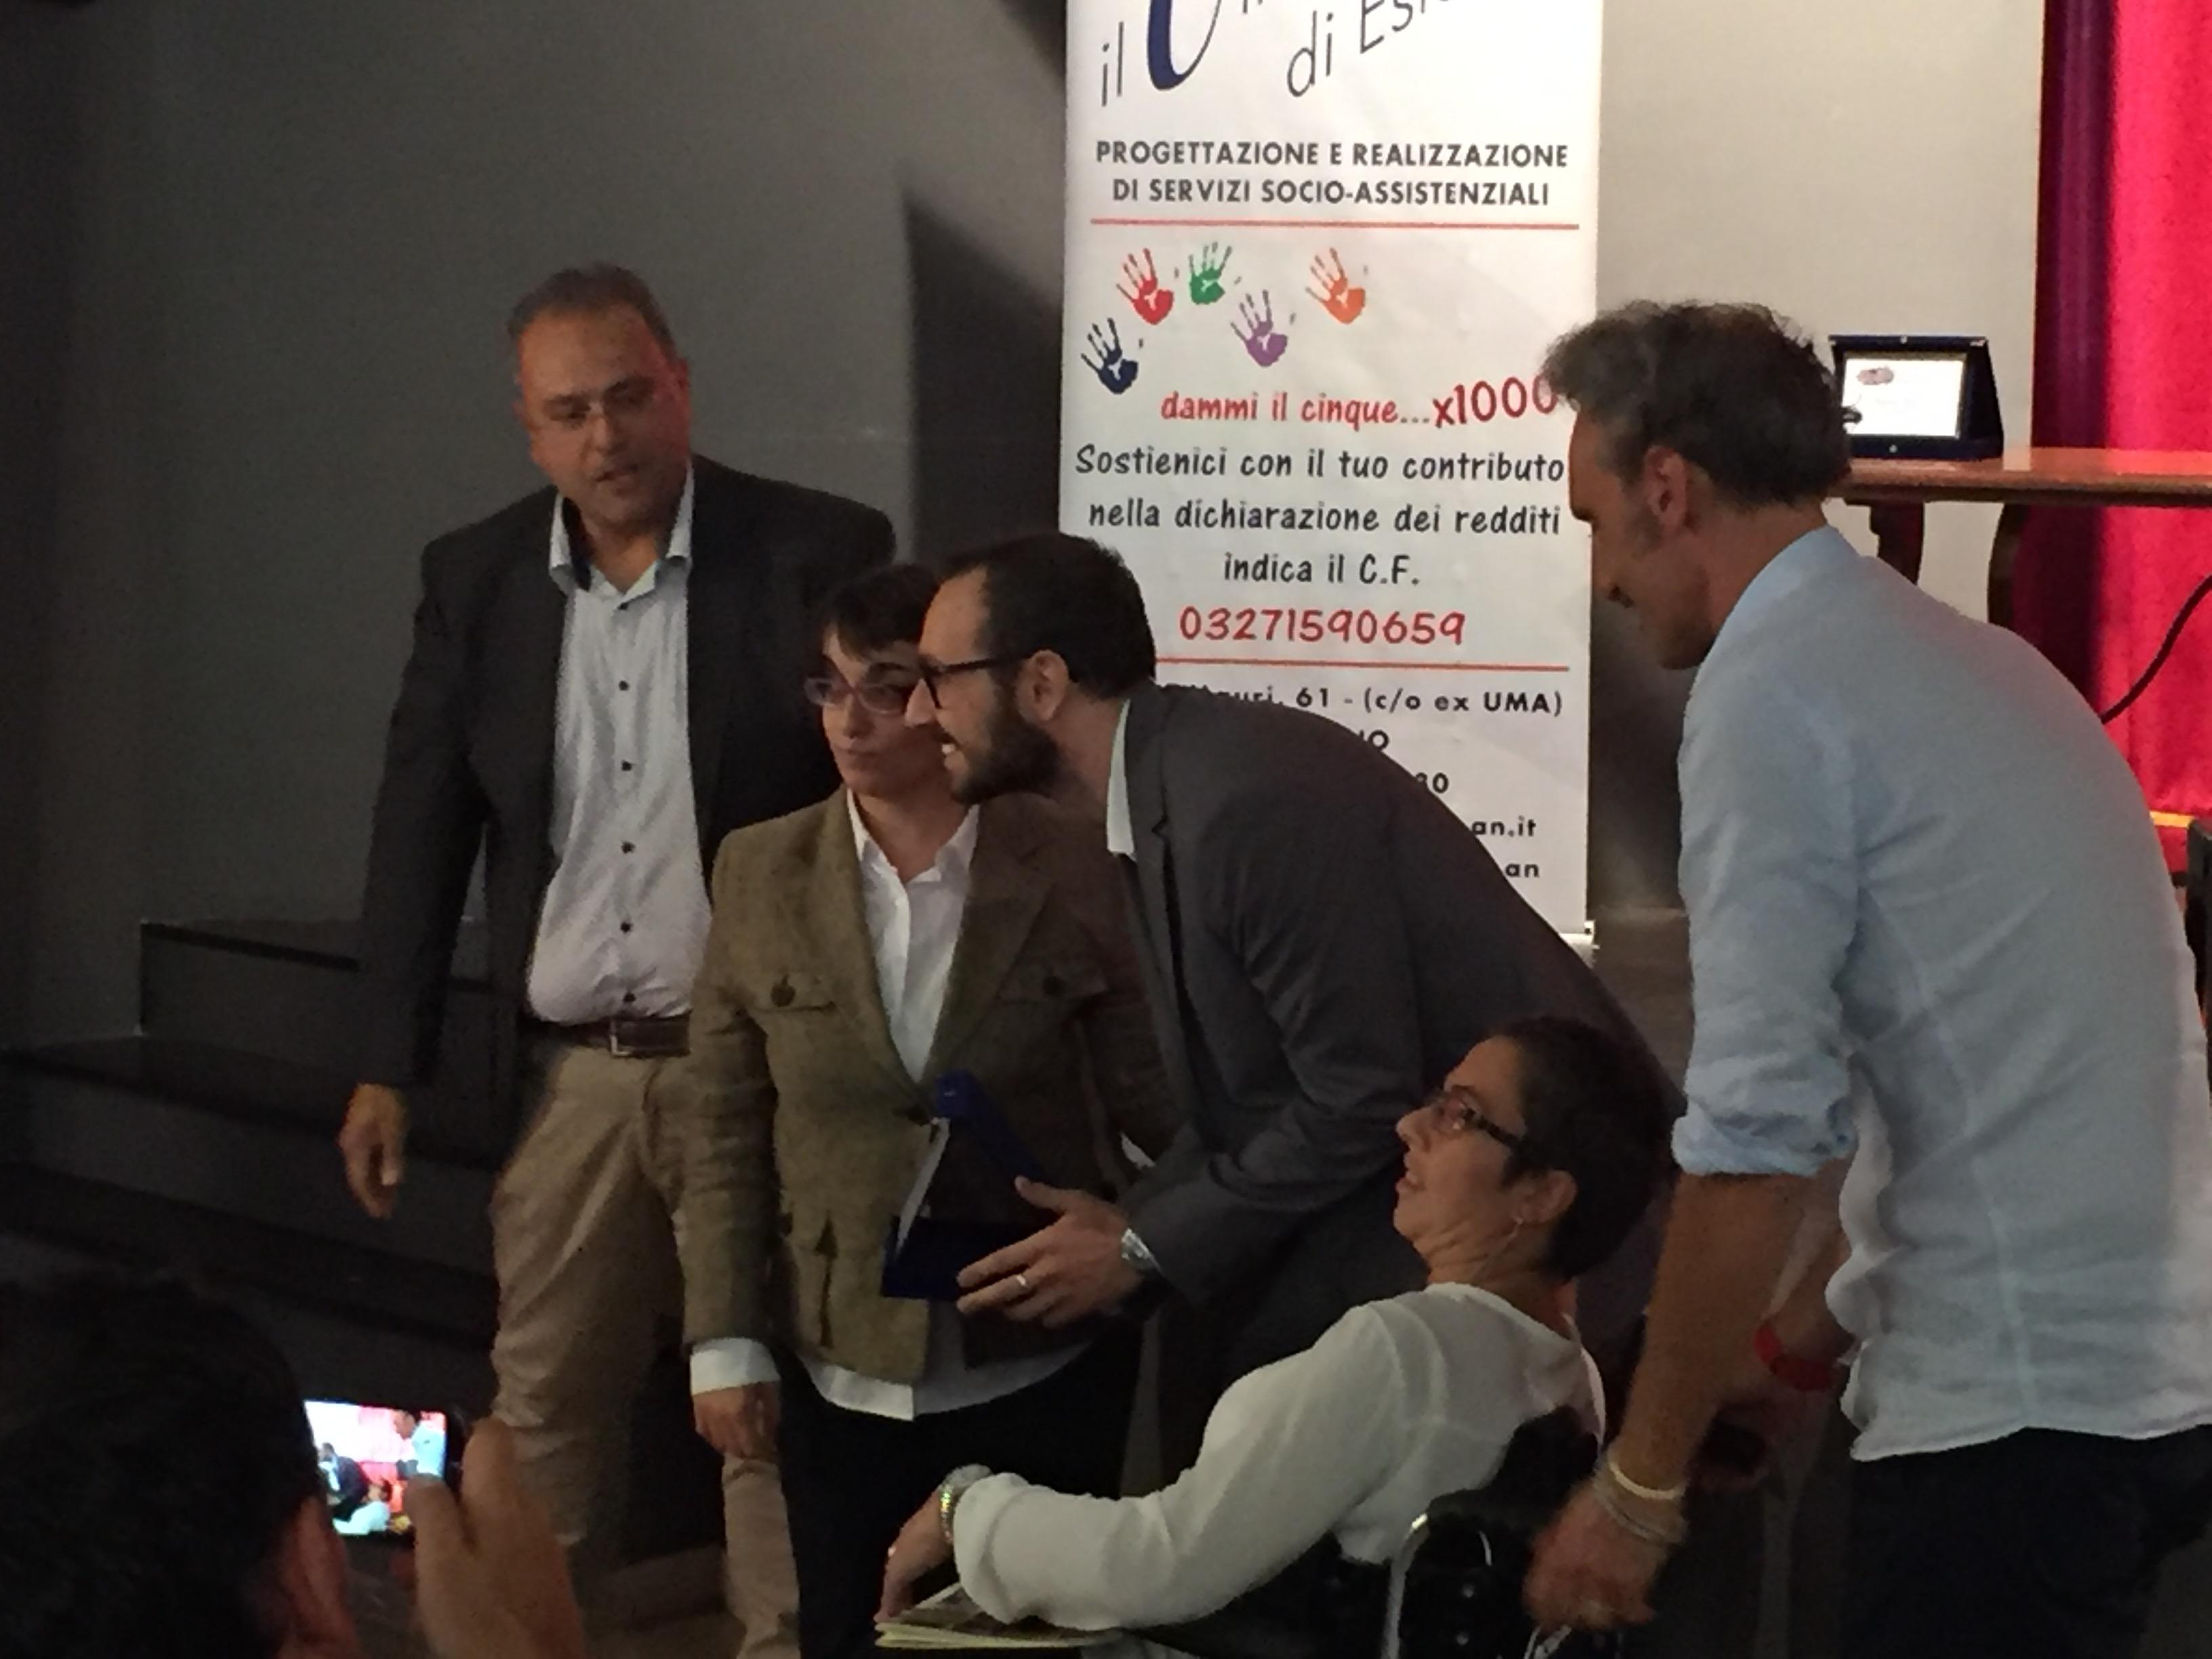 Sezione Addetto Stampa - Gianluca Lambiase